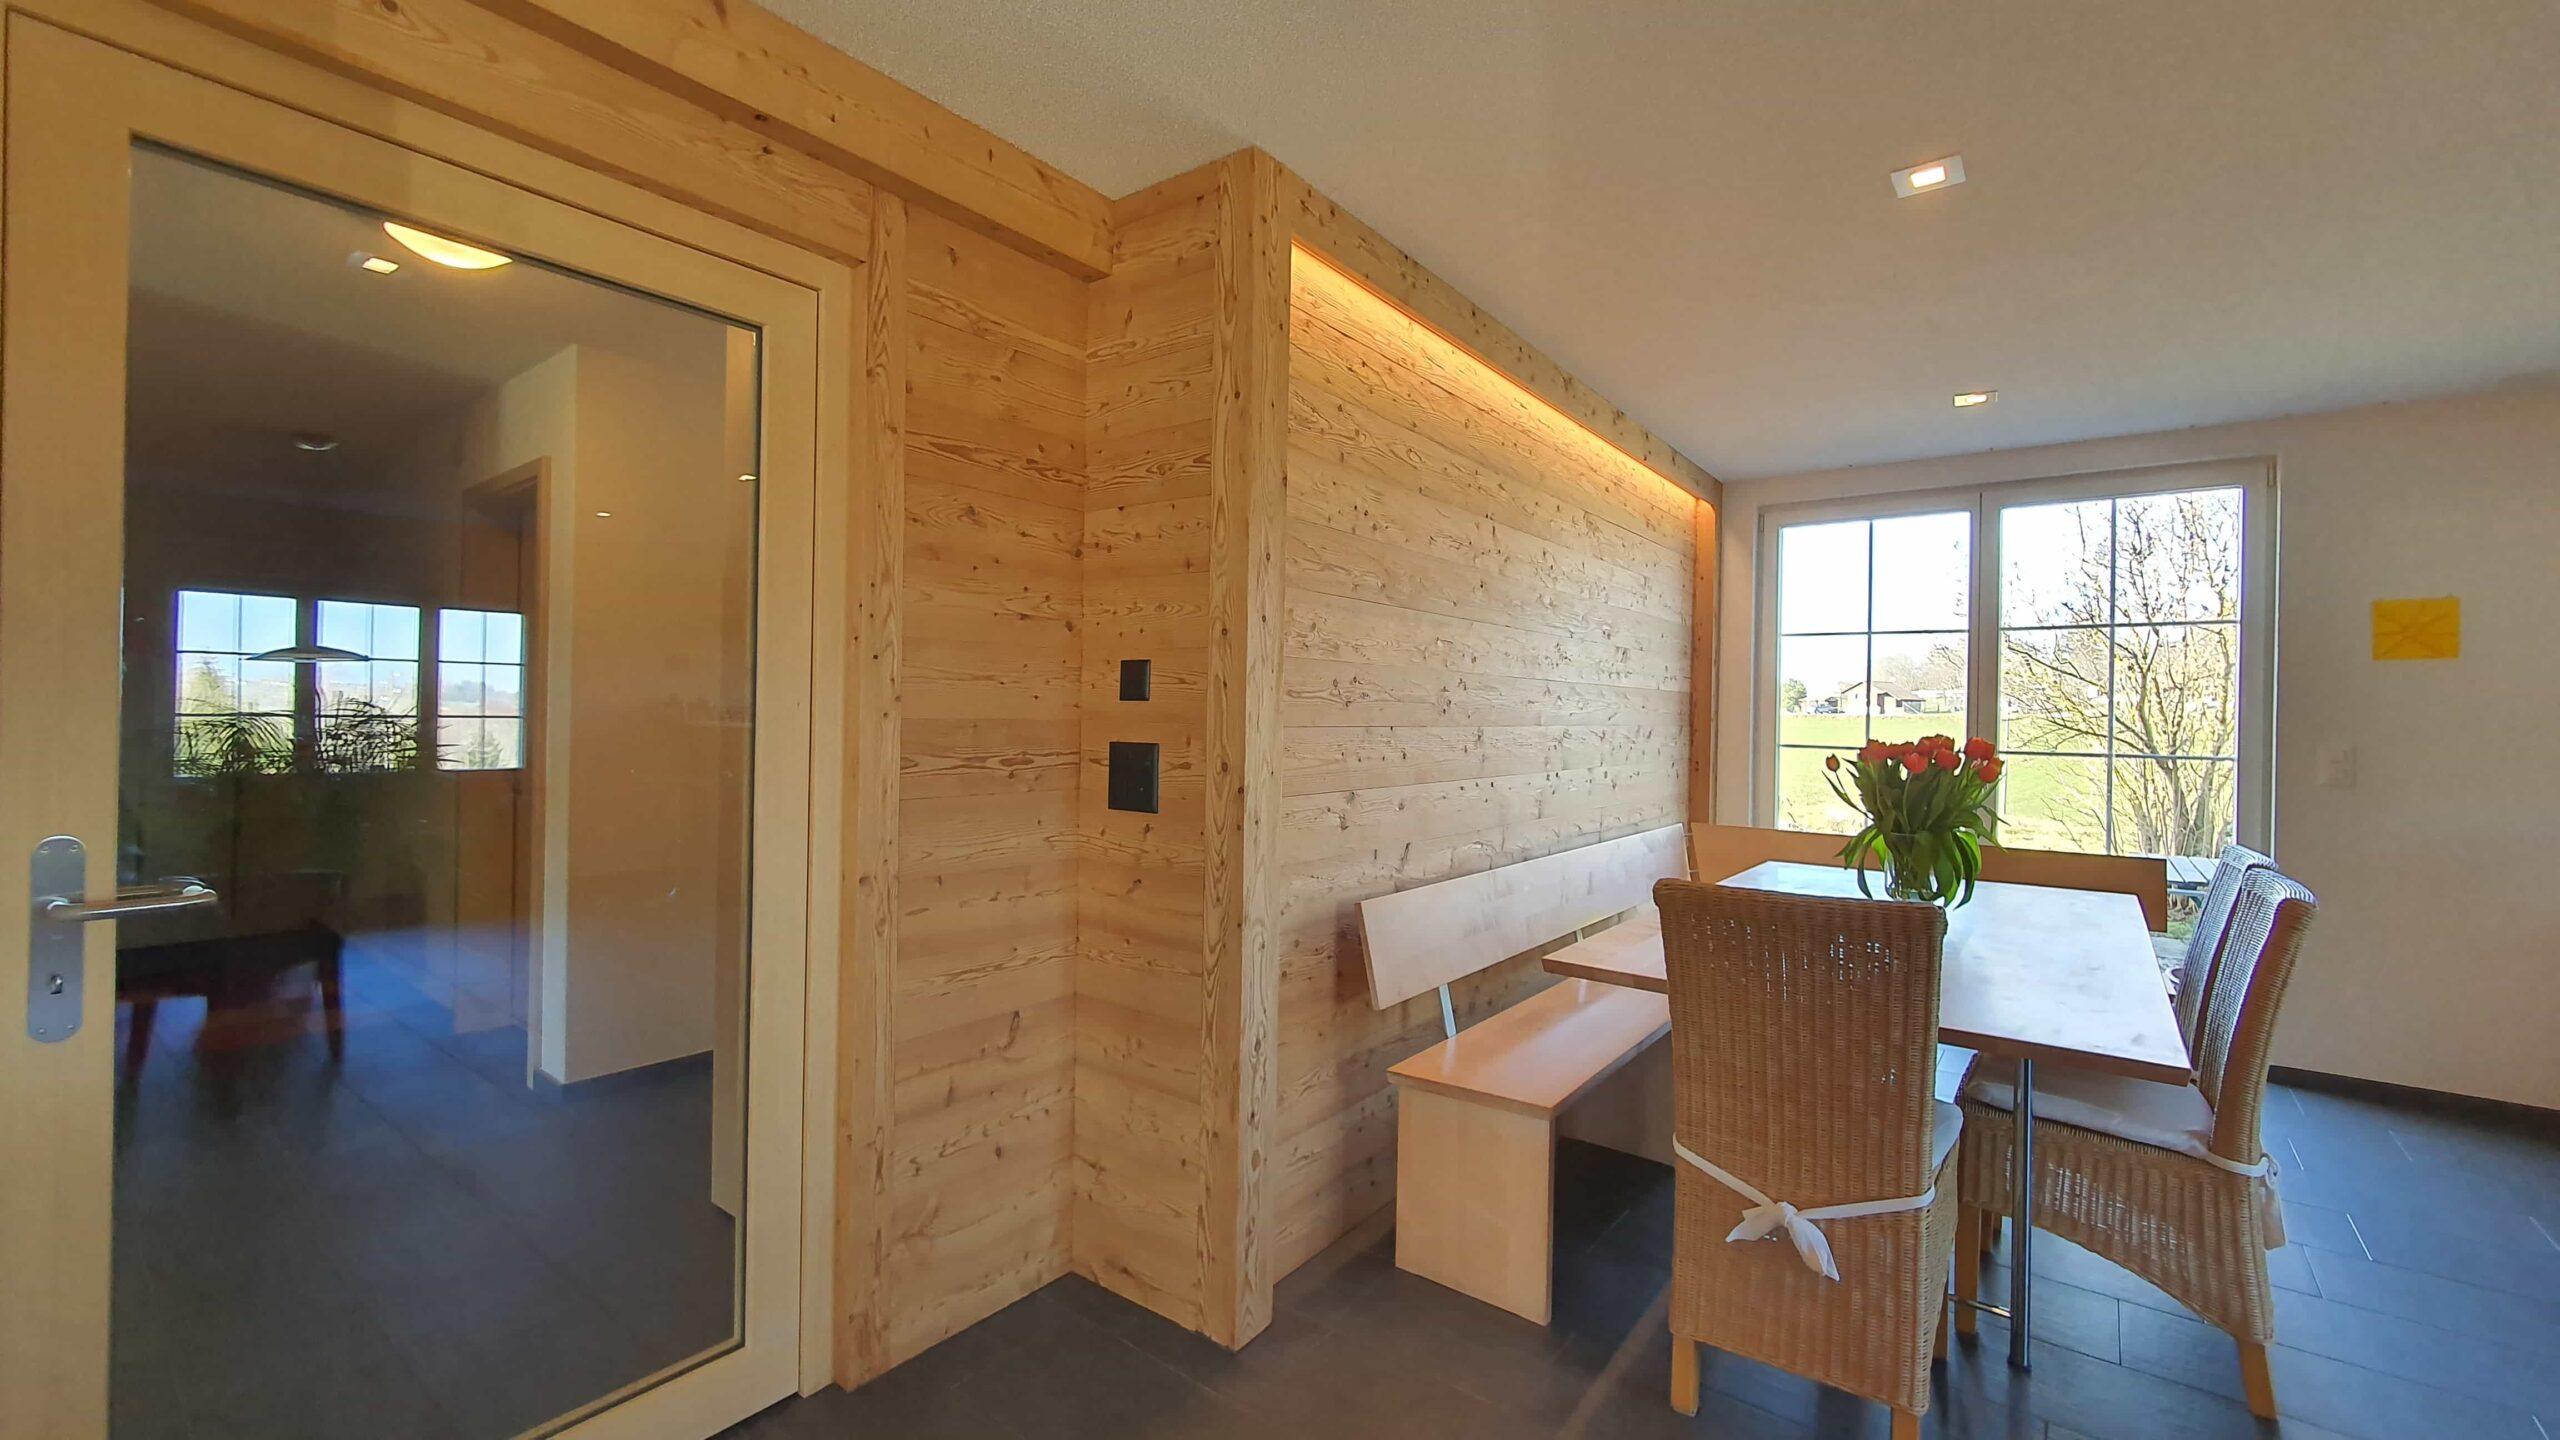 Wooddesign_Holzdesign_Altholz_rustikal_modern _Wandverkleidung_LED-Beleuchtung_Raumtrenner_Essbereich (3)-min